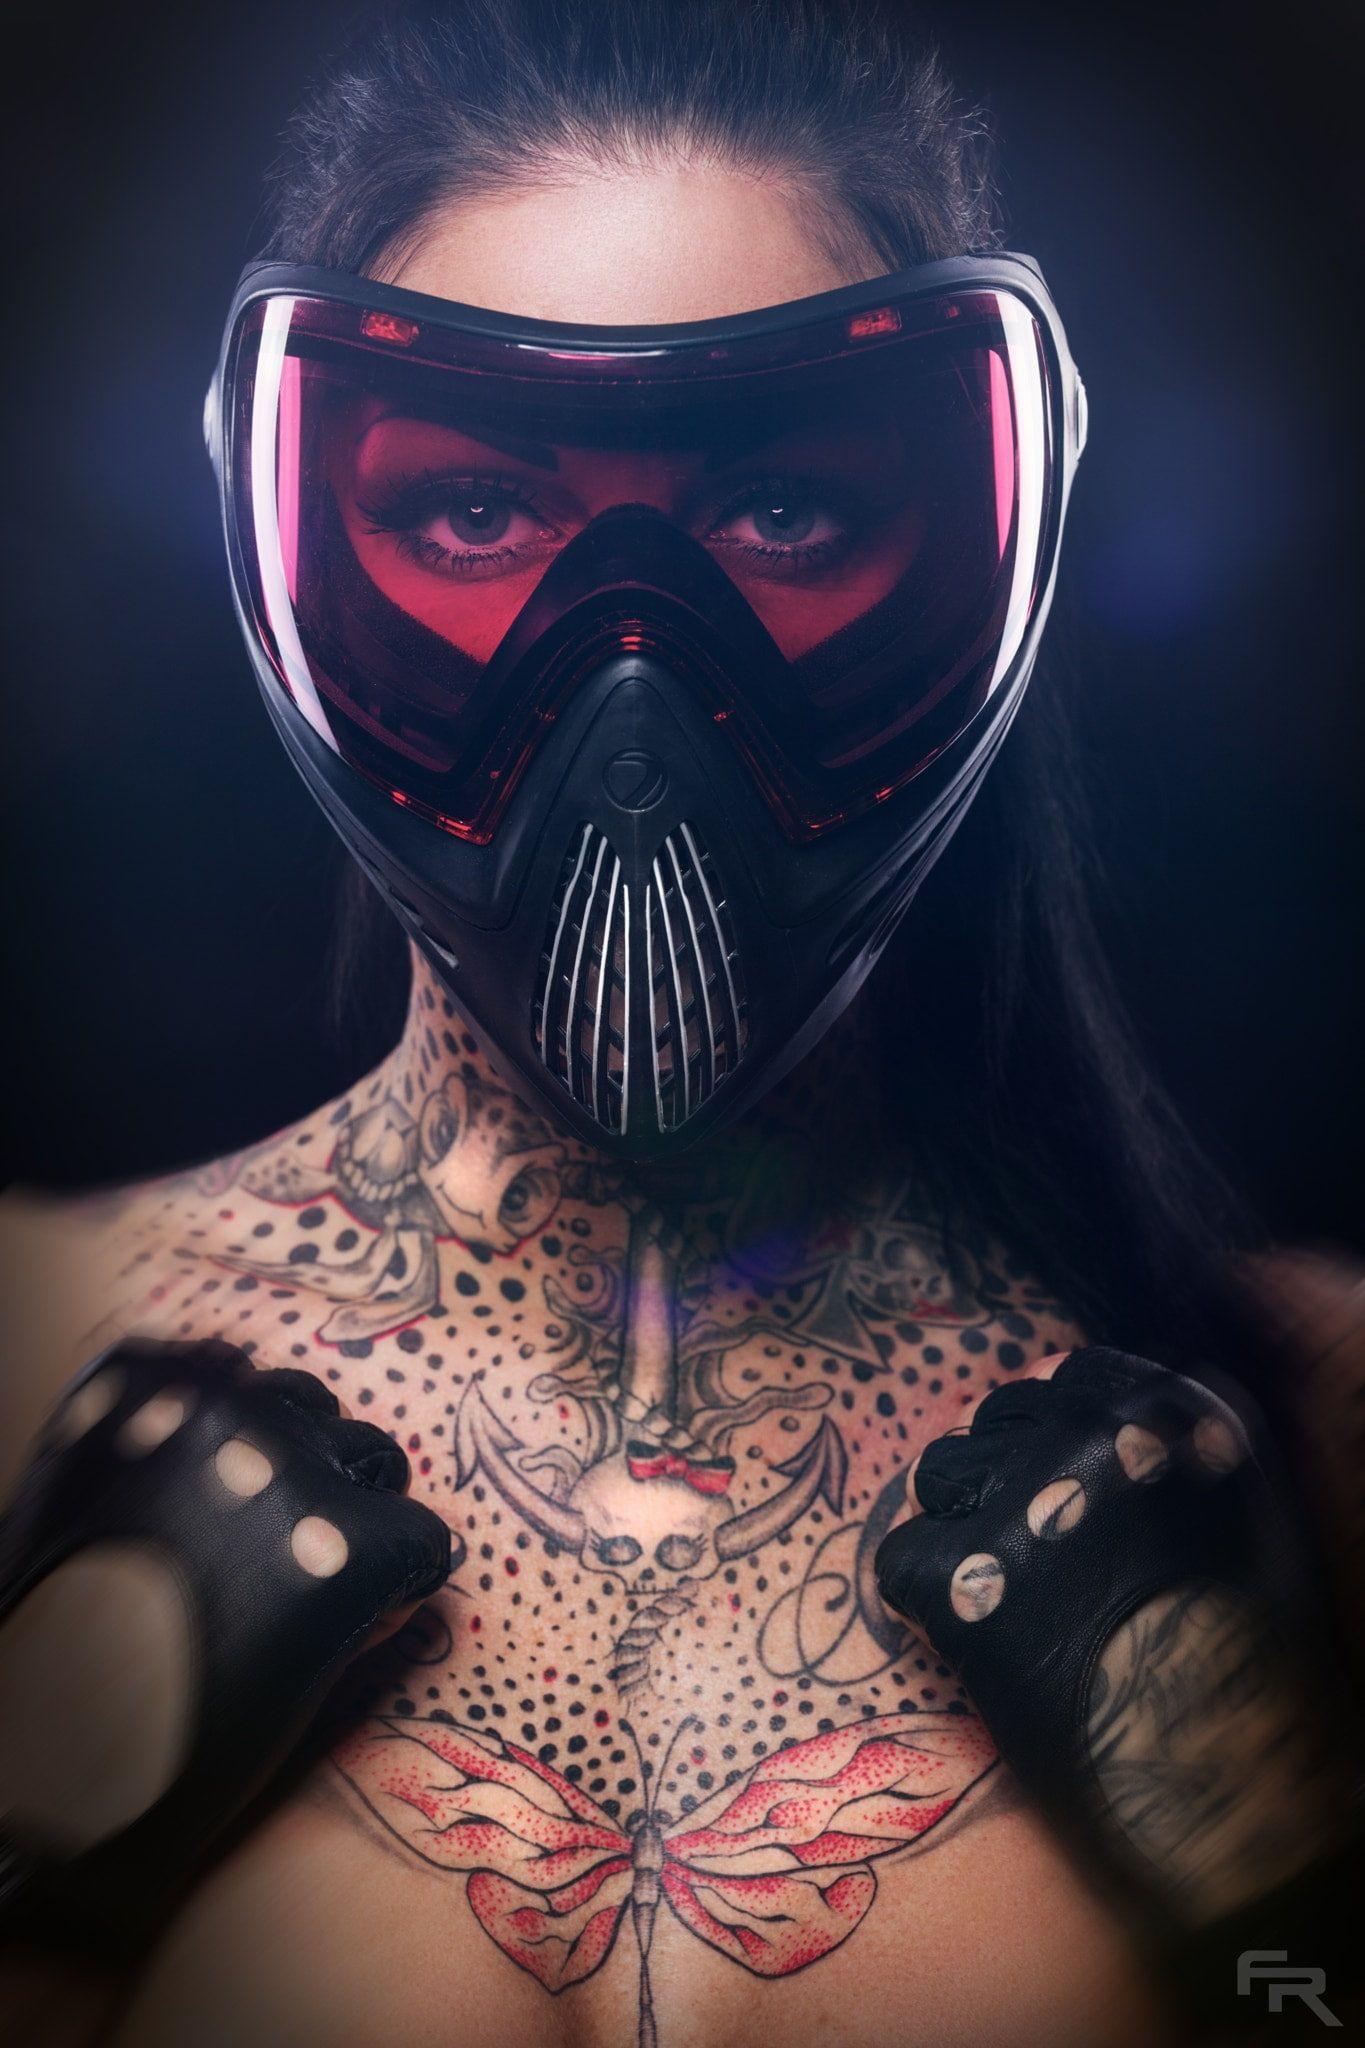 Fr Pixx Face Tattoo Mask Women Model 500px 1080p Wallpaper Hdwallpaper Desktop Black Tank Top Women White Tank Top Women Model Tattoo wallpaper hd 1080p